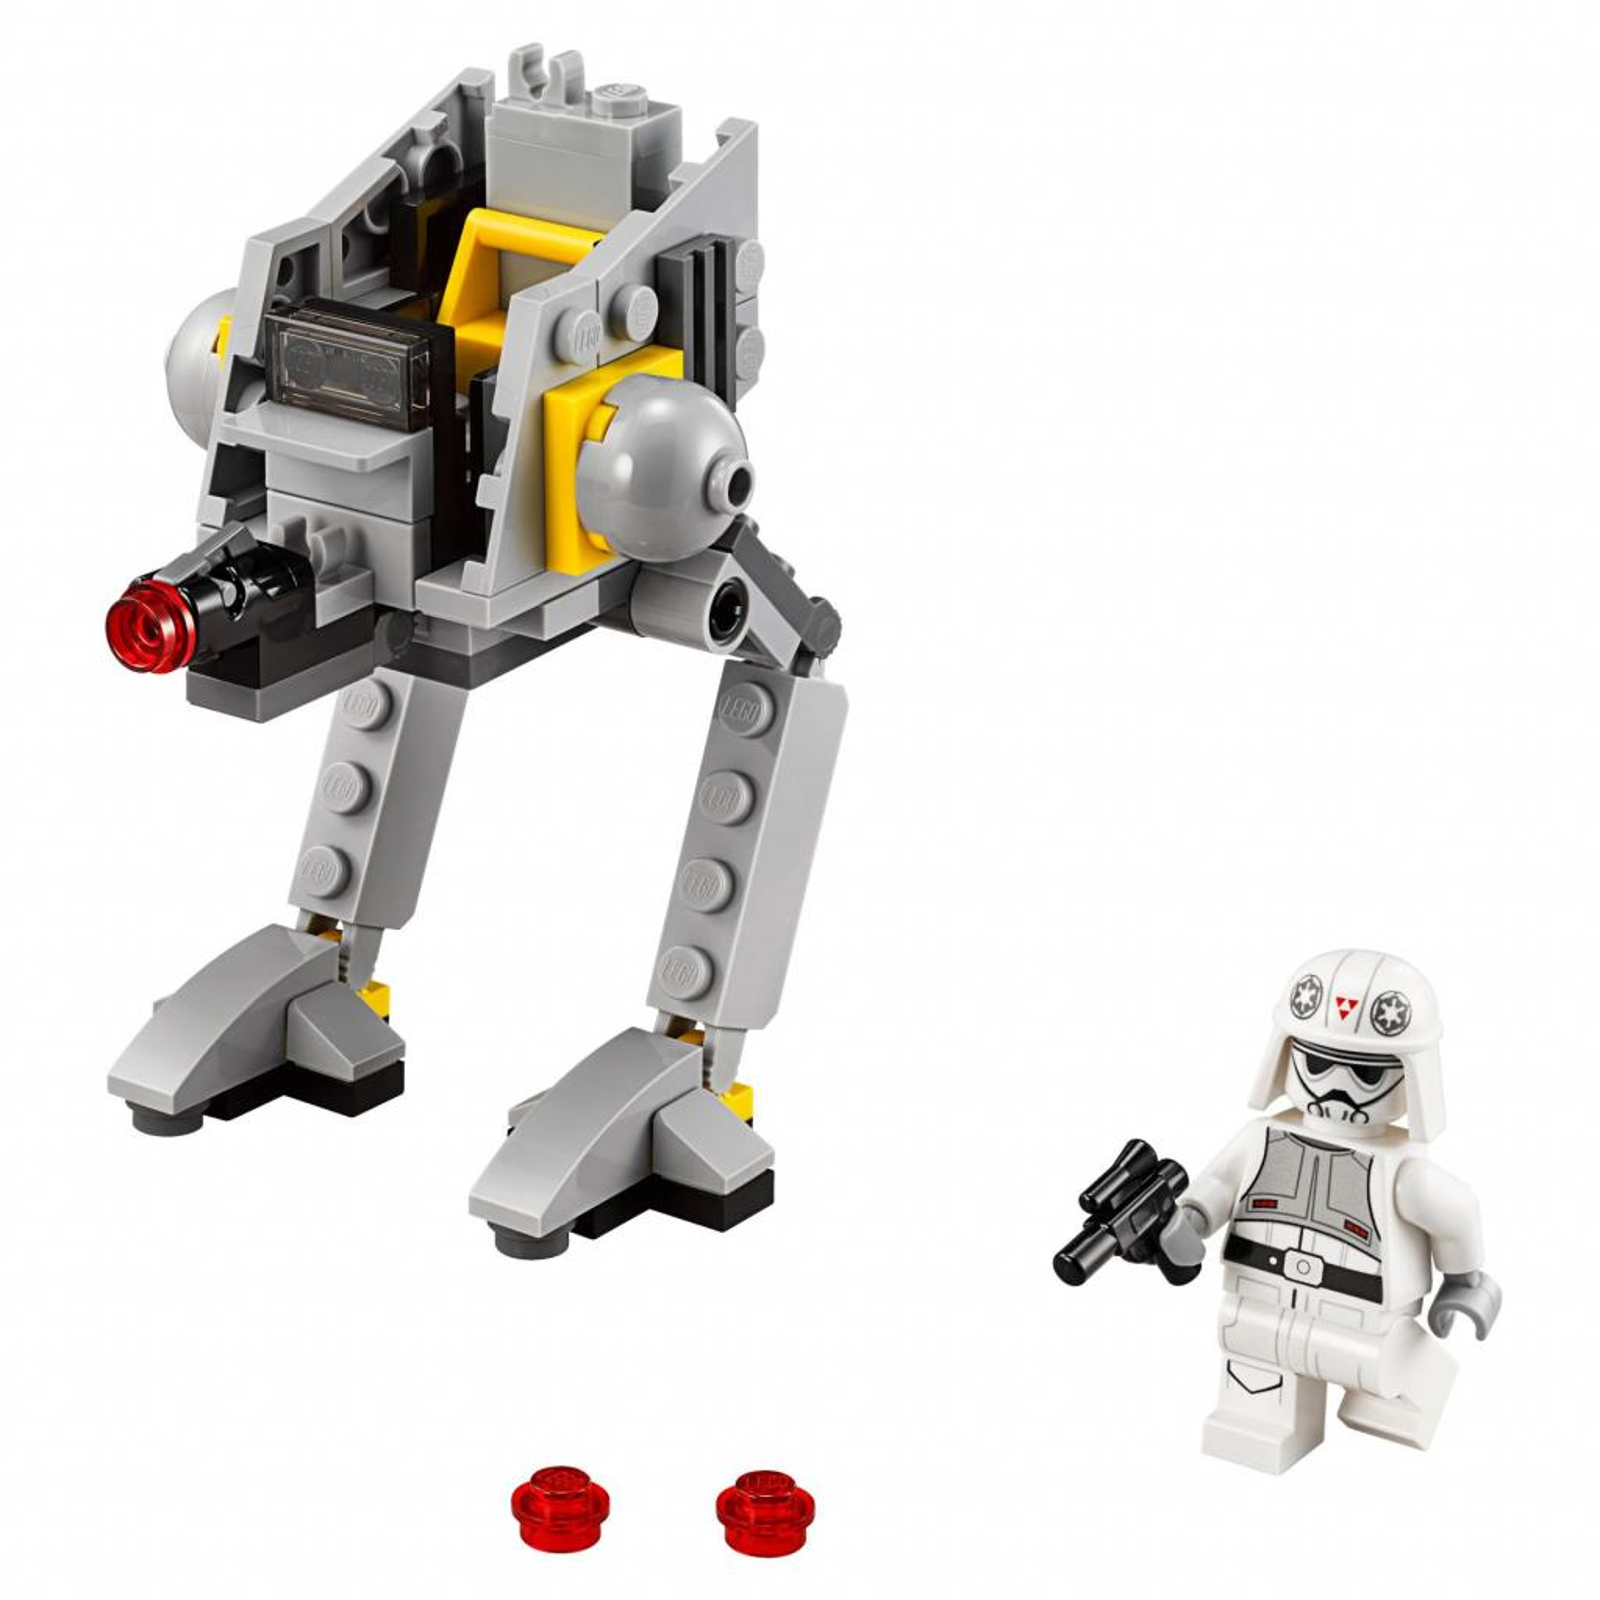 Конструктор LEGO Star Wars Вездеходная оборонительная платформа AT-DP (75130) изображение 2